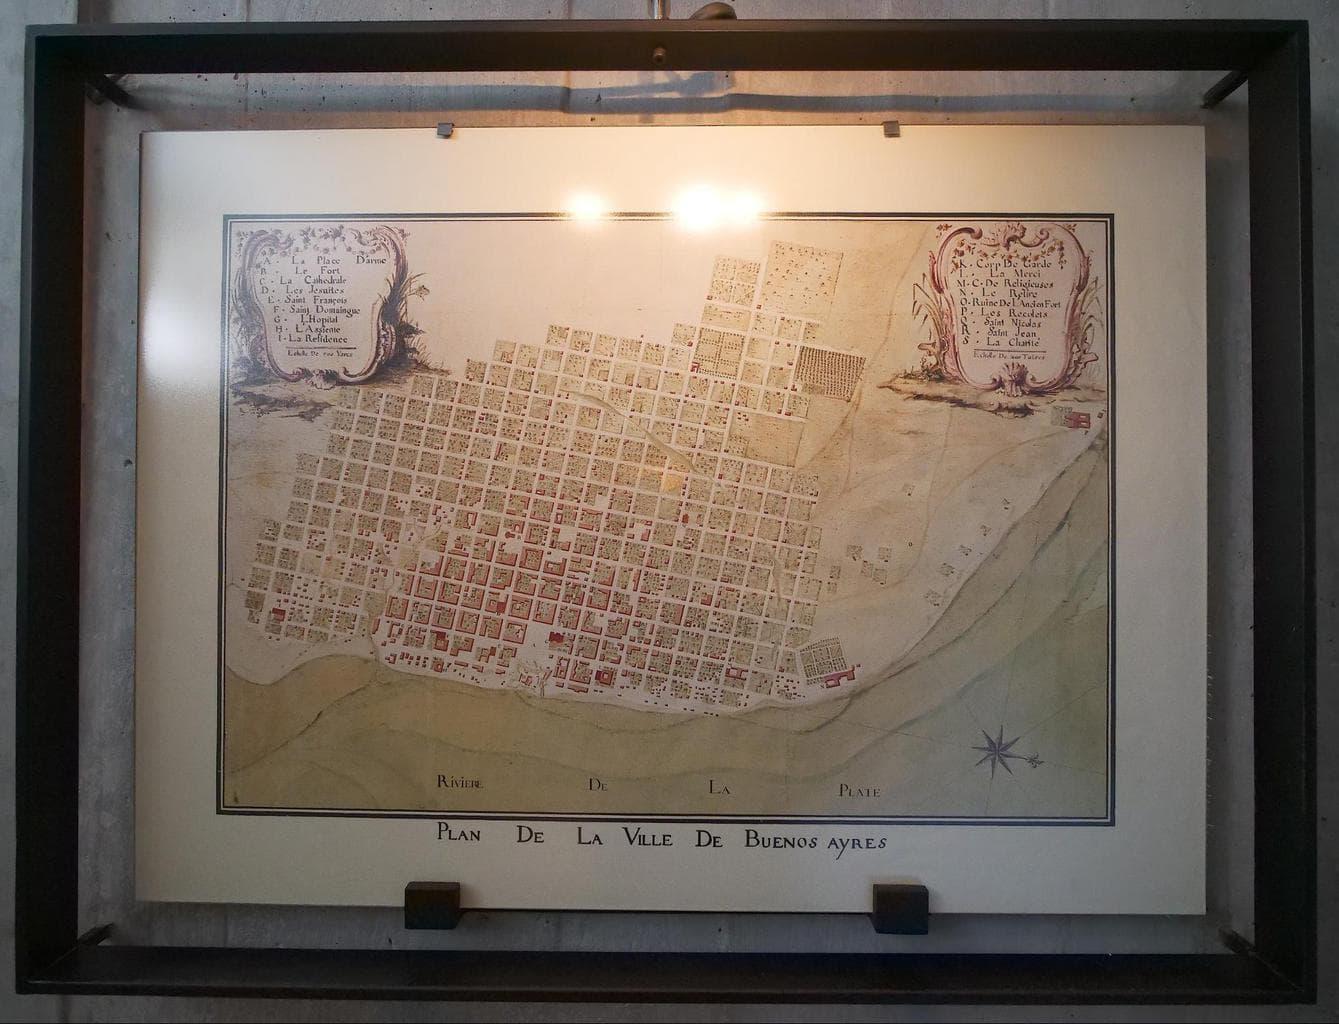 El Zanjón de Granados map